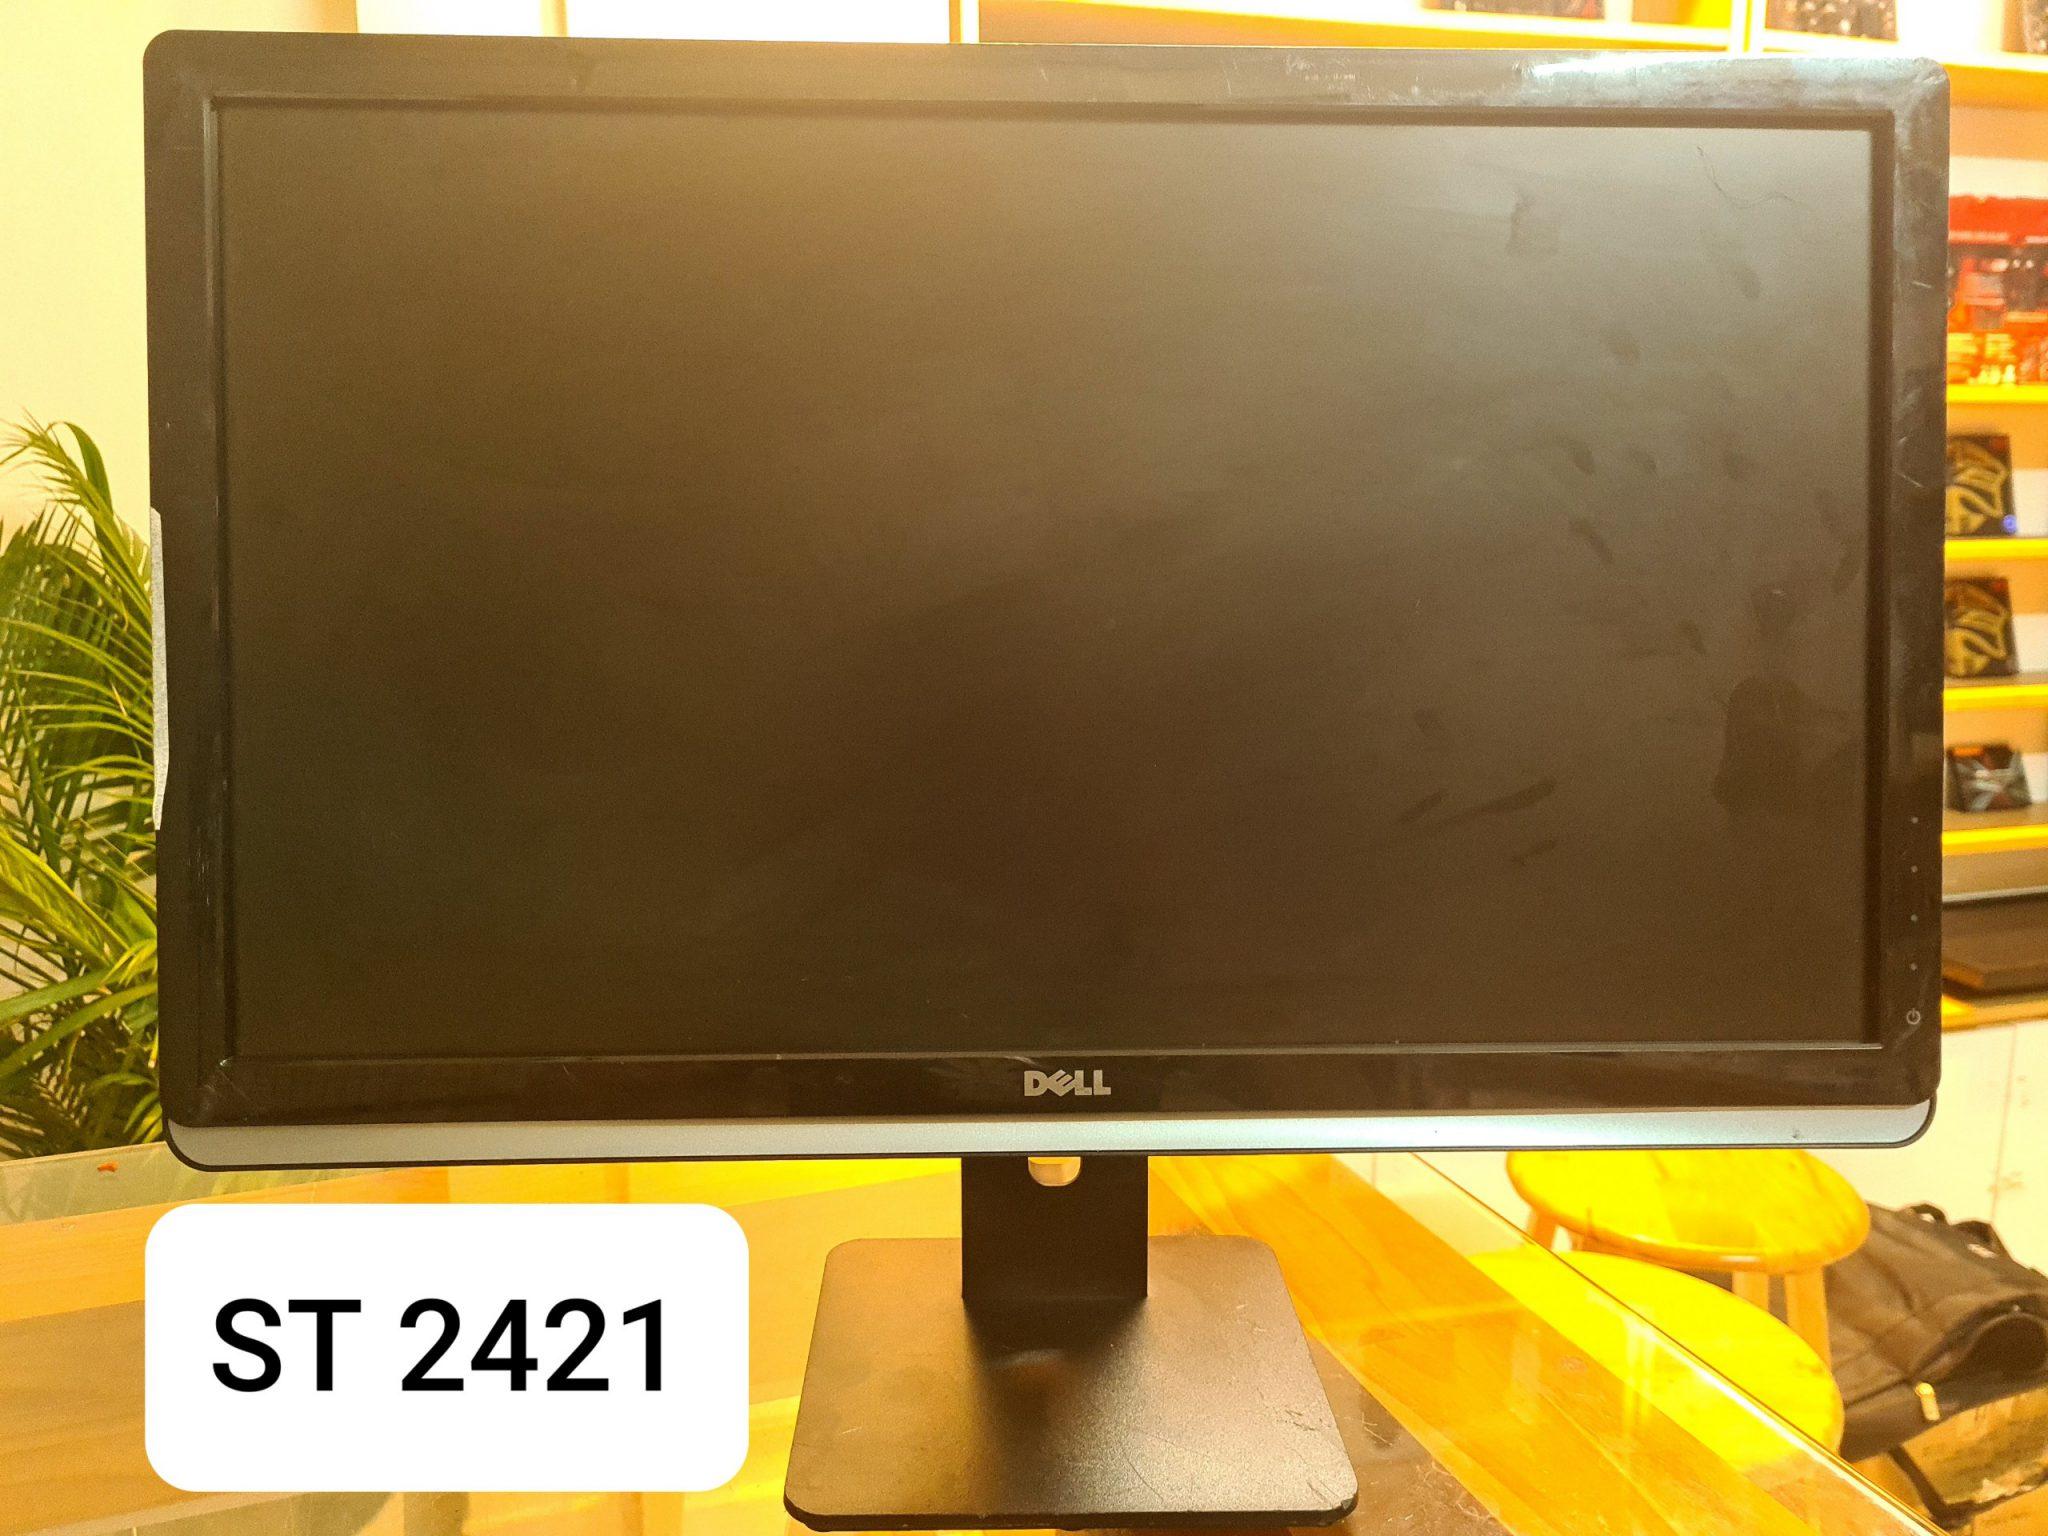 Màn hình máy tính  DELL ST2421Lb 24″ LED Monitor w/ VGA, DVI & HDMI